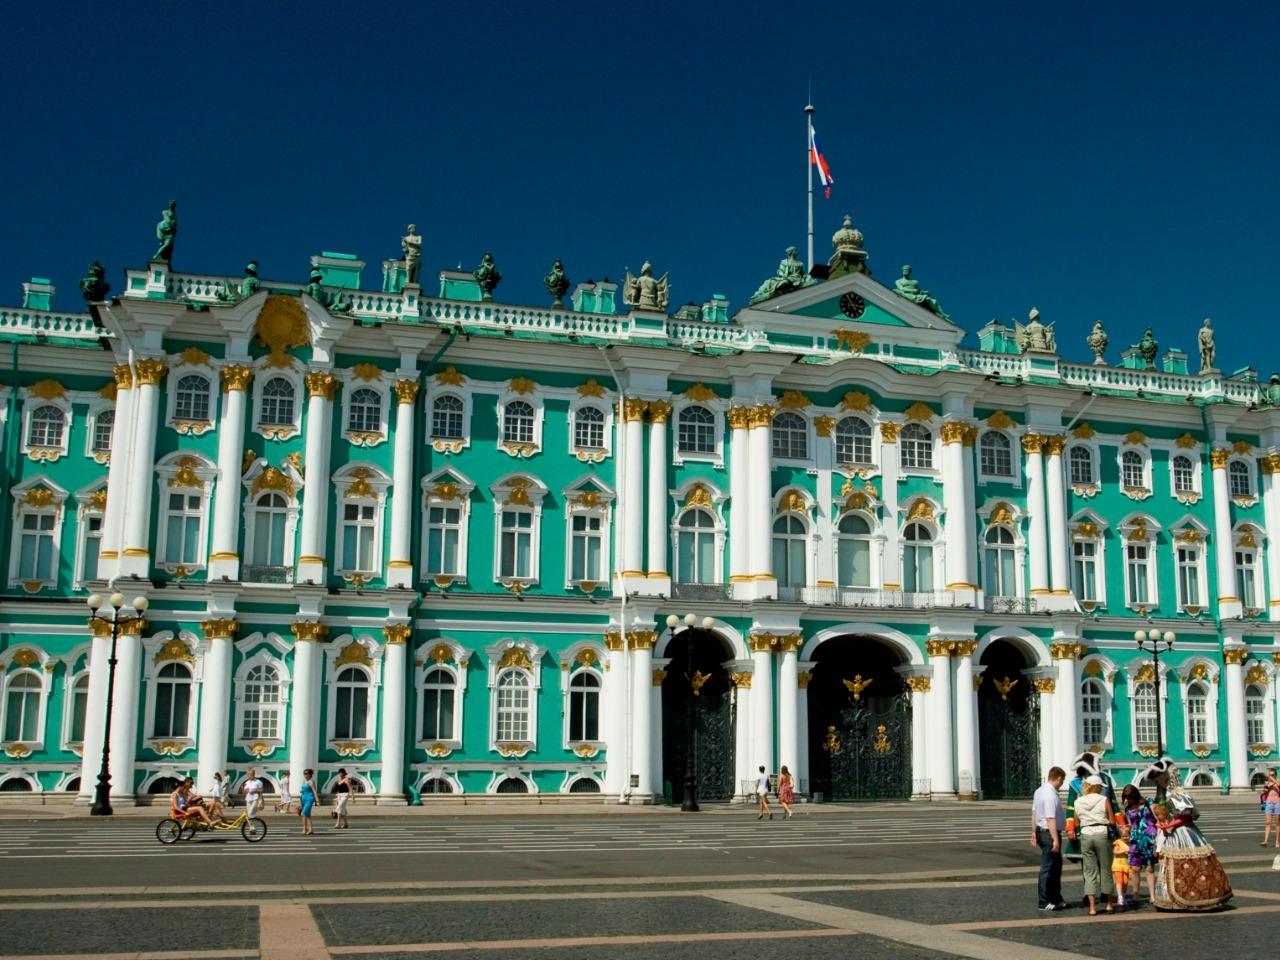 Добро пожаловать в Северную столицу! - индивидуальная экскурсия по Санкт-Петербургу от опытного гида